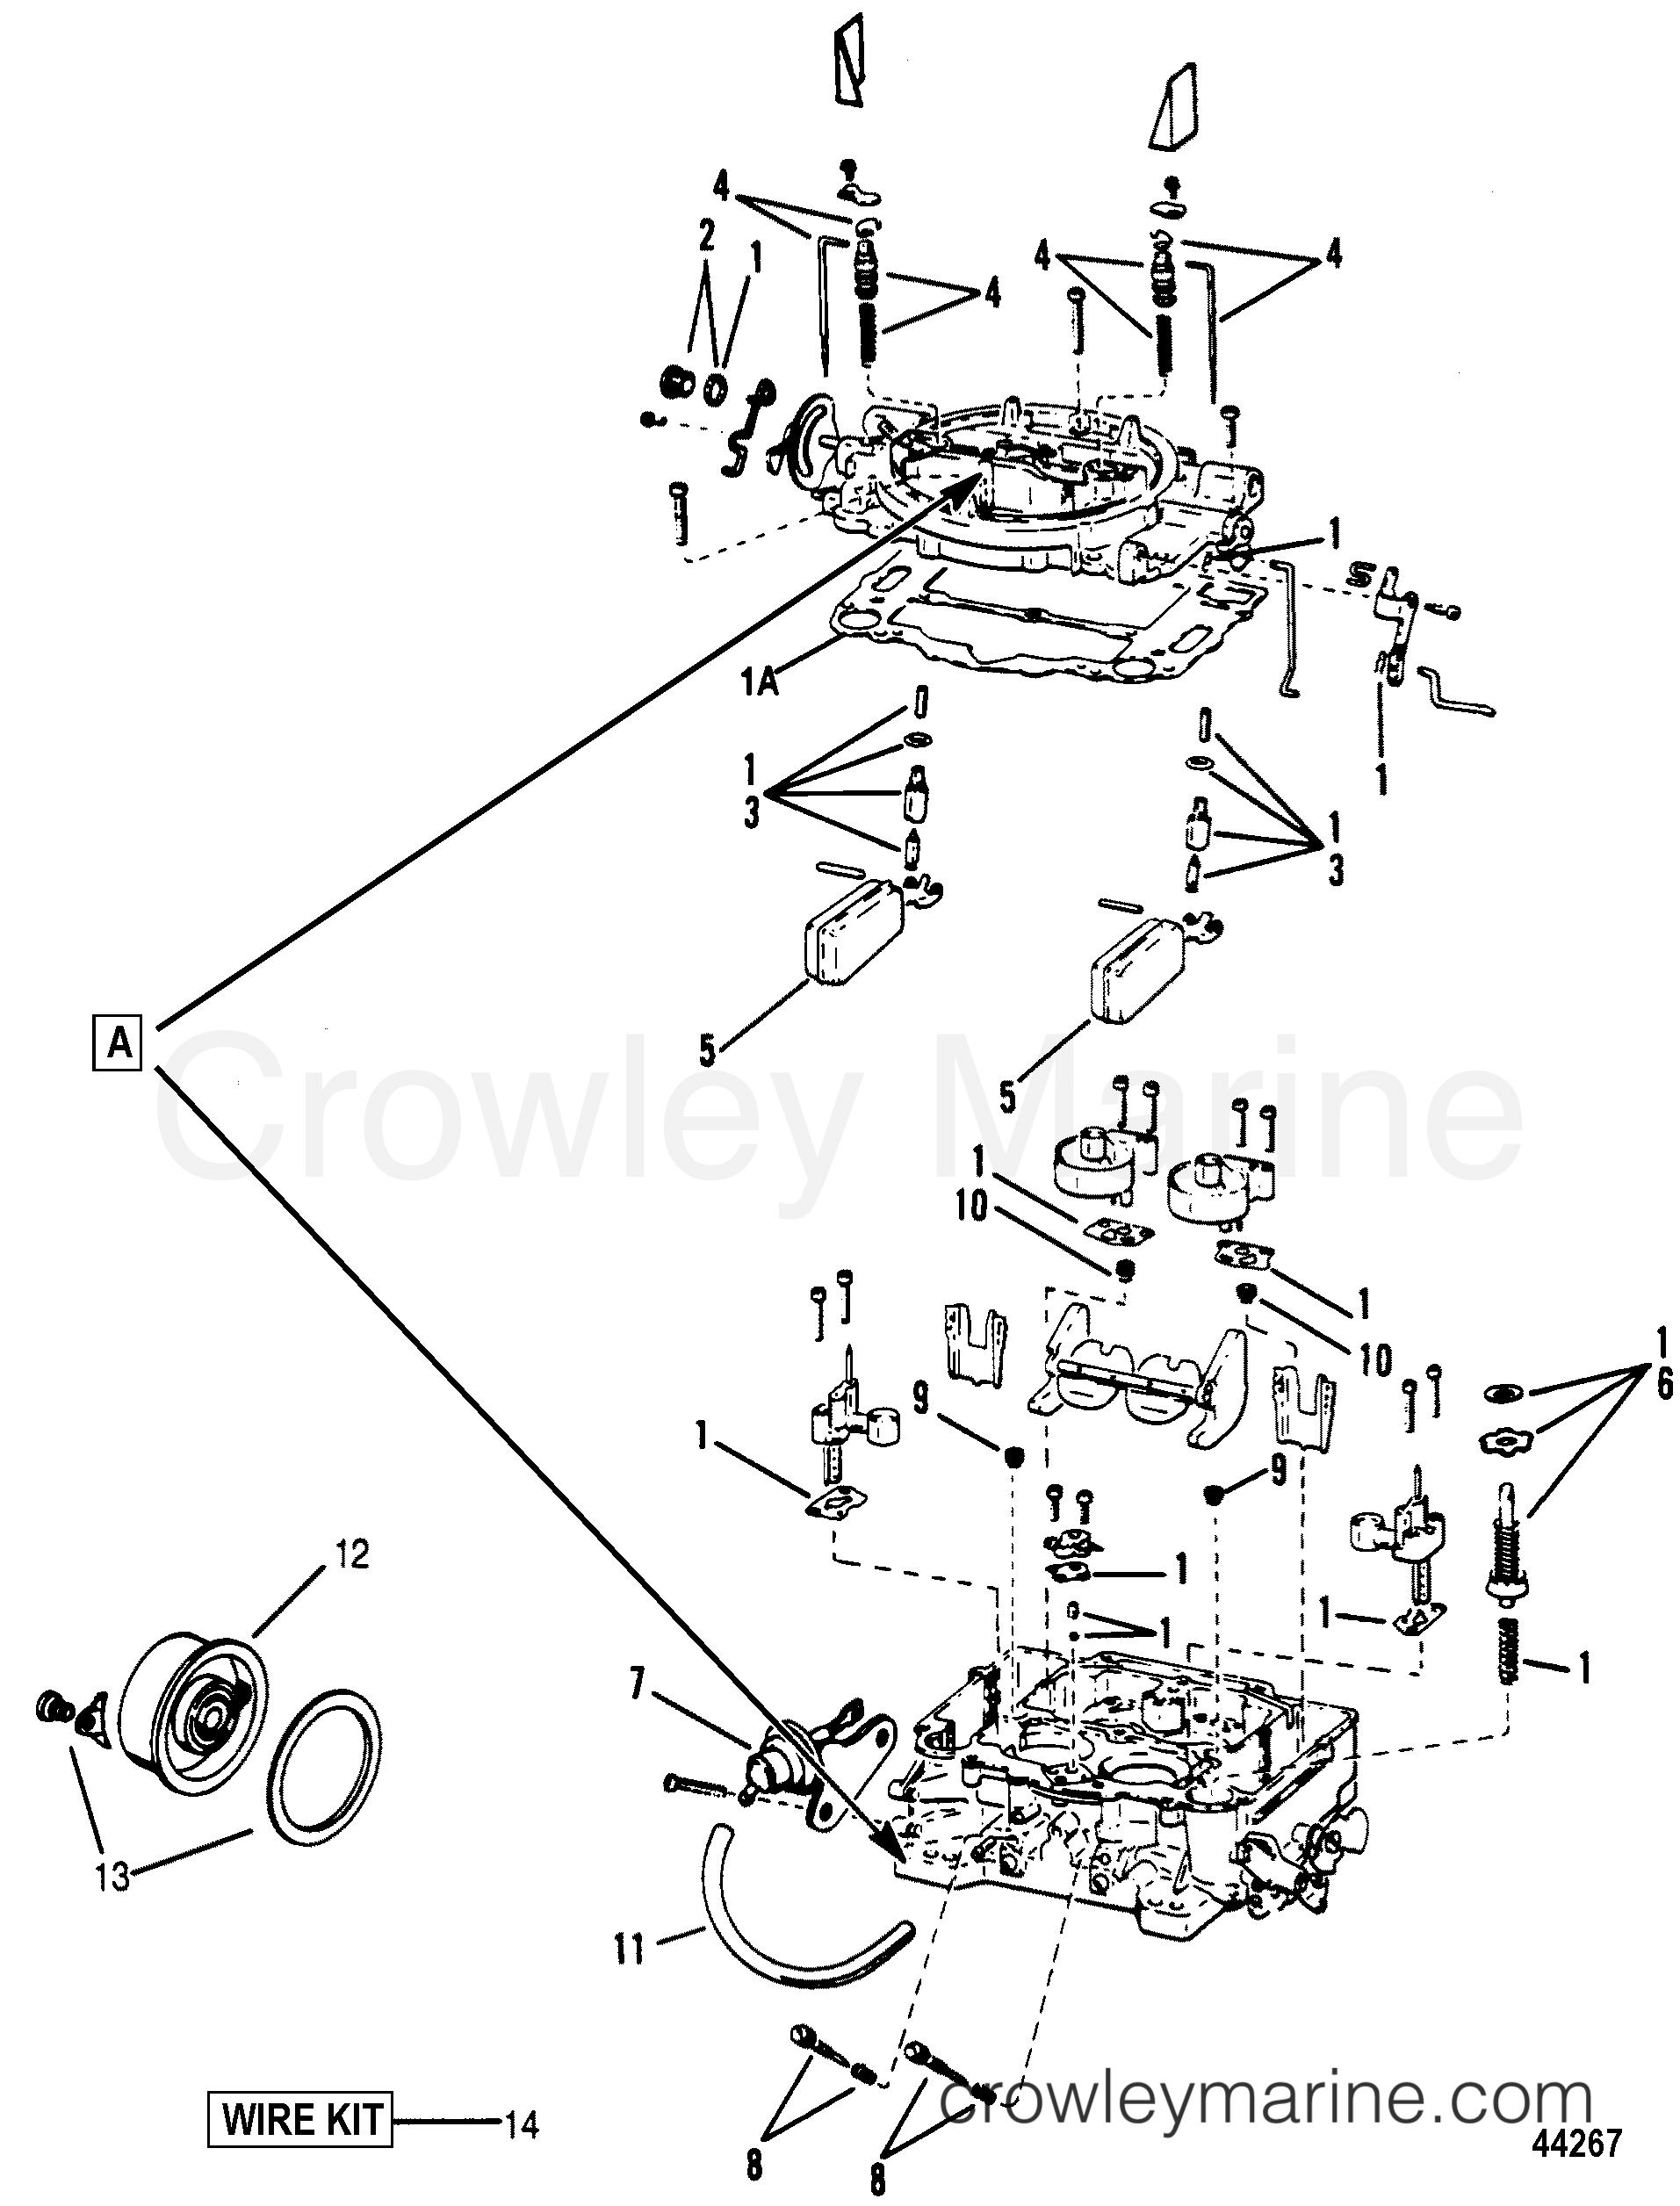 1993 Mercury Inboard Engine 7.4L [CARB] - 3743299FS - CARBURETOR(WEBER) section